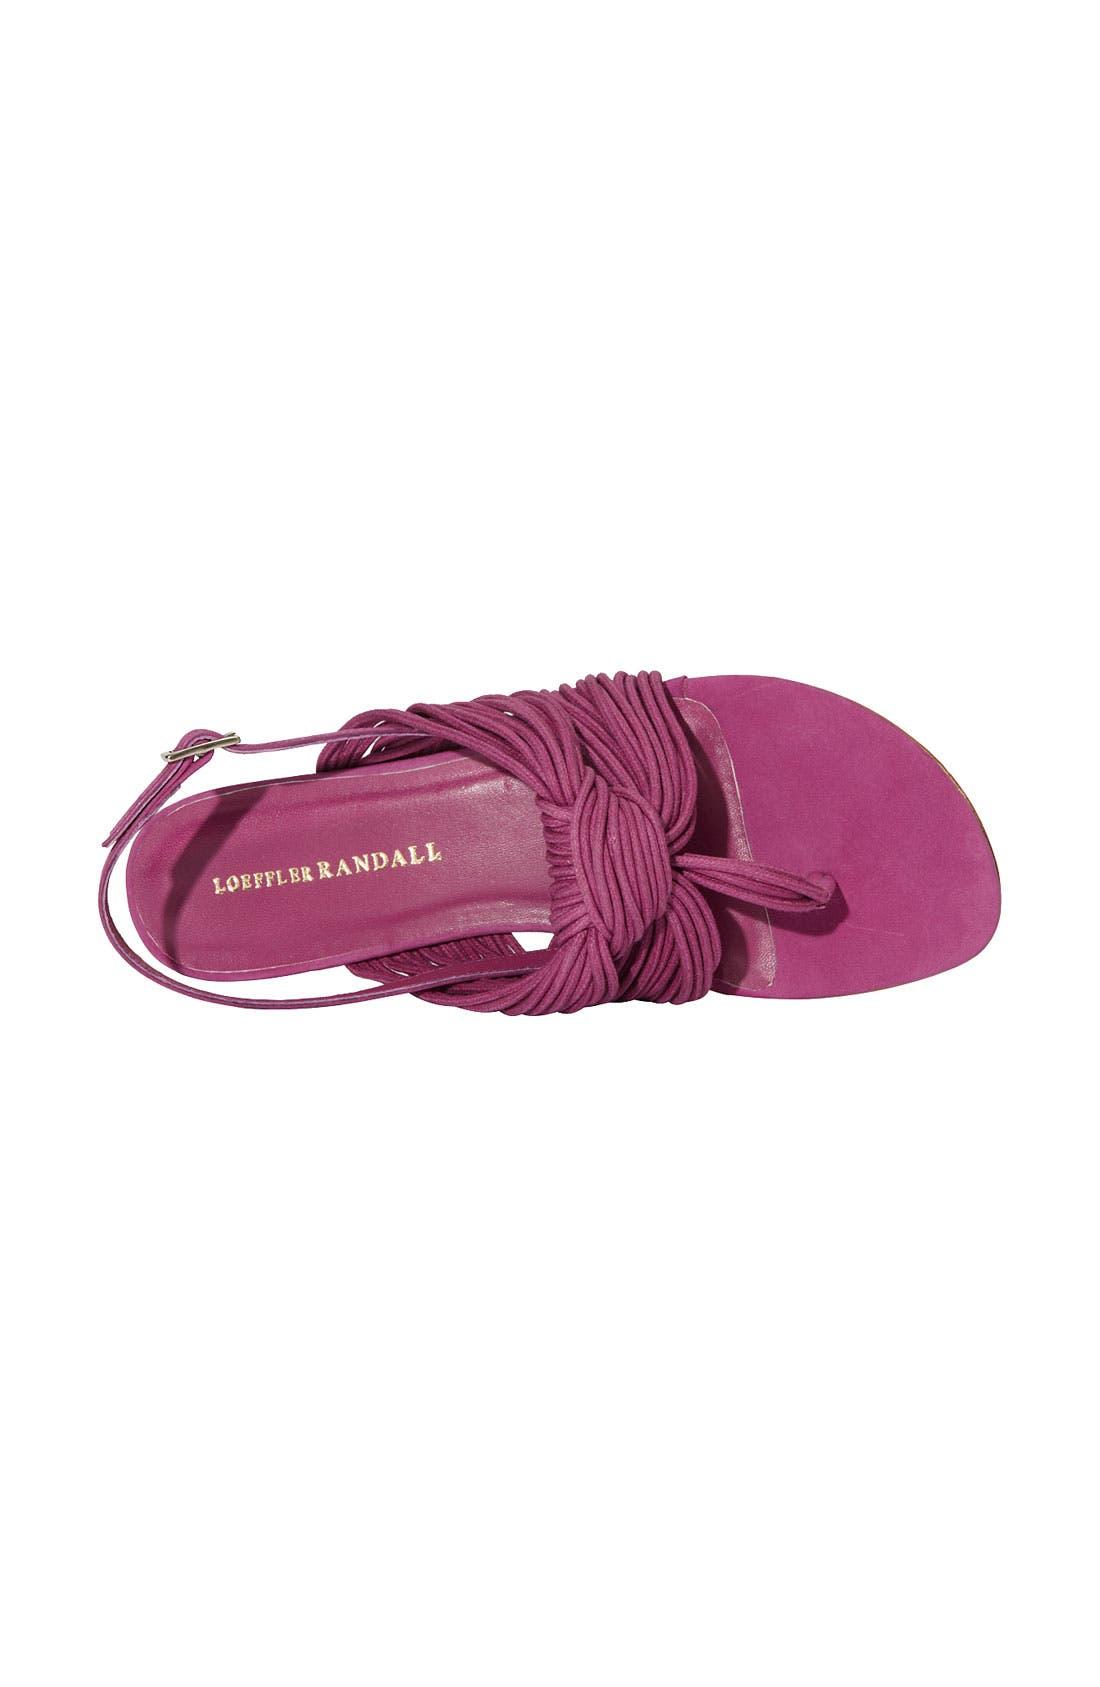 Alternate Image 3  - Loeffler Randall 'Gioia' Sandal